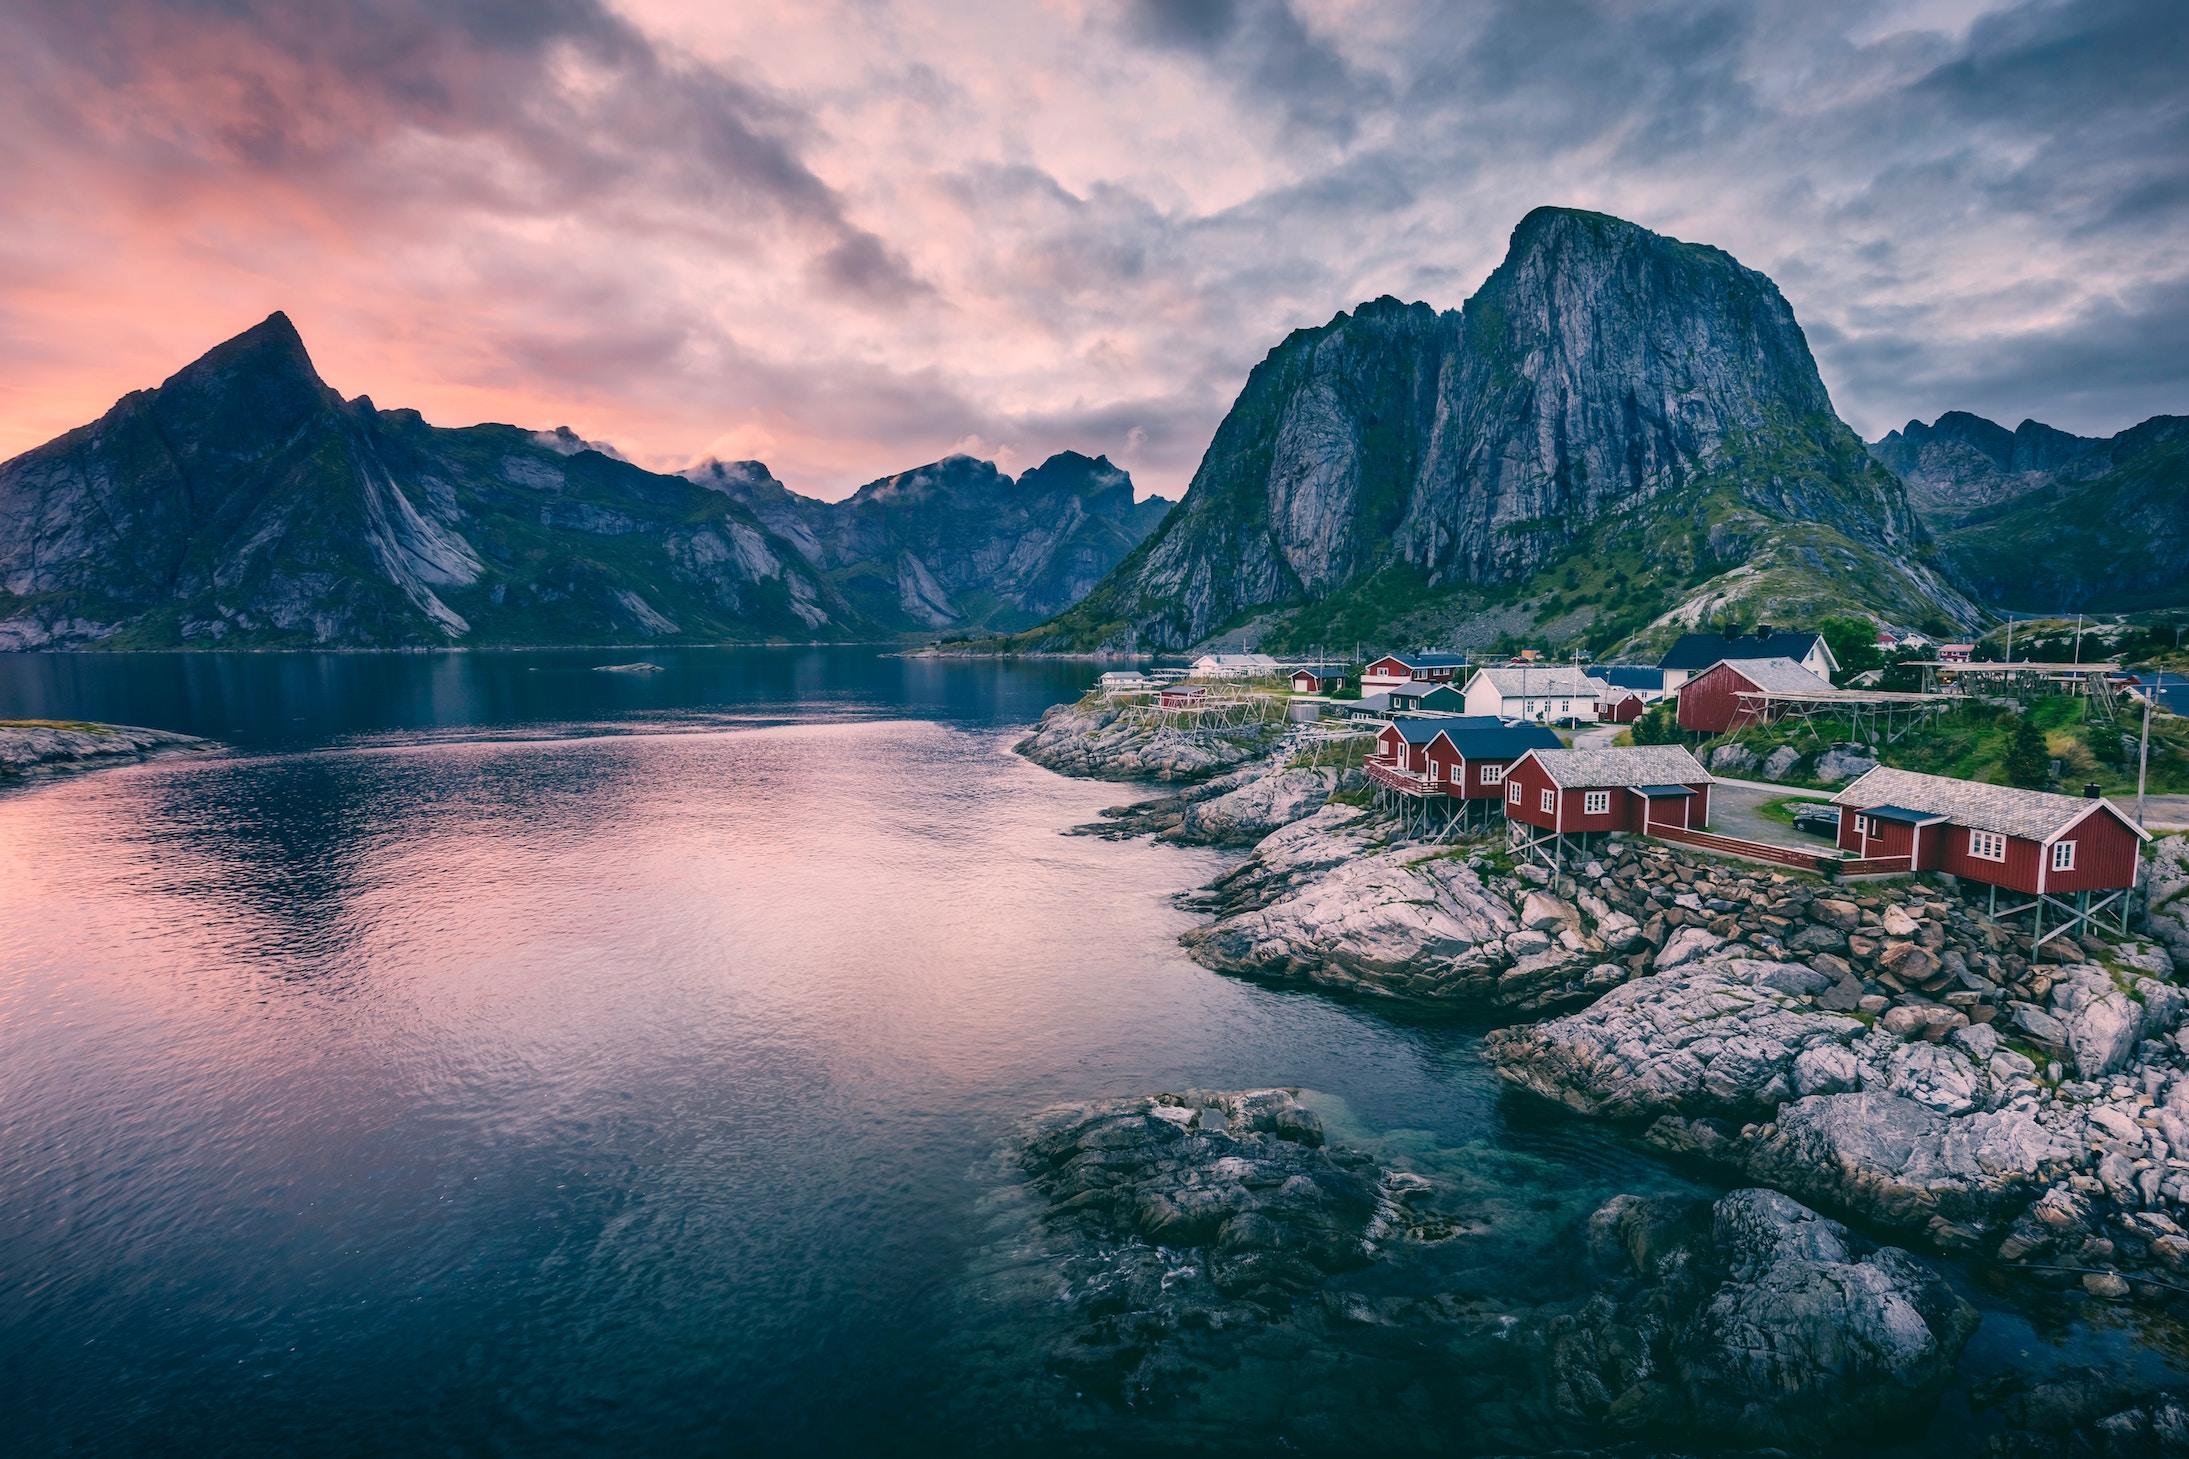 ノルウェーは英語が通じる語学力に優れた国!公用語を覚えて観光を楽しもう!